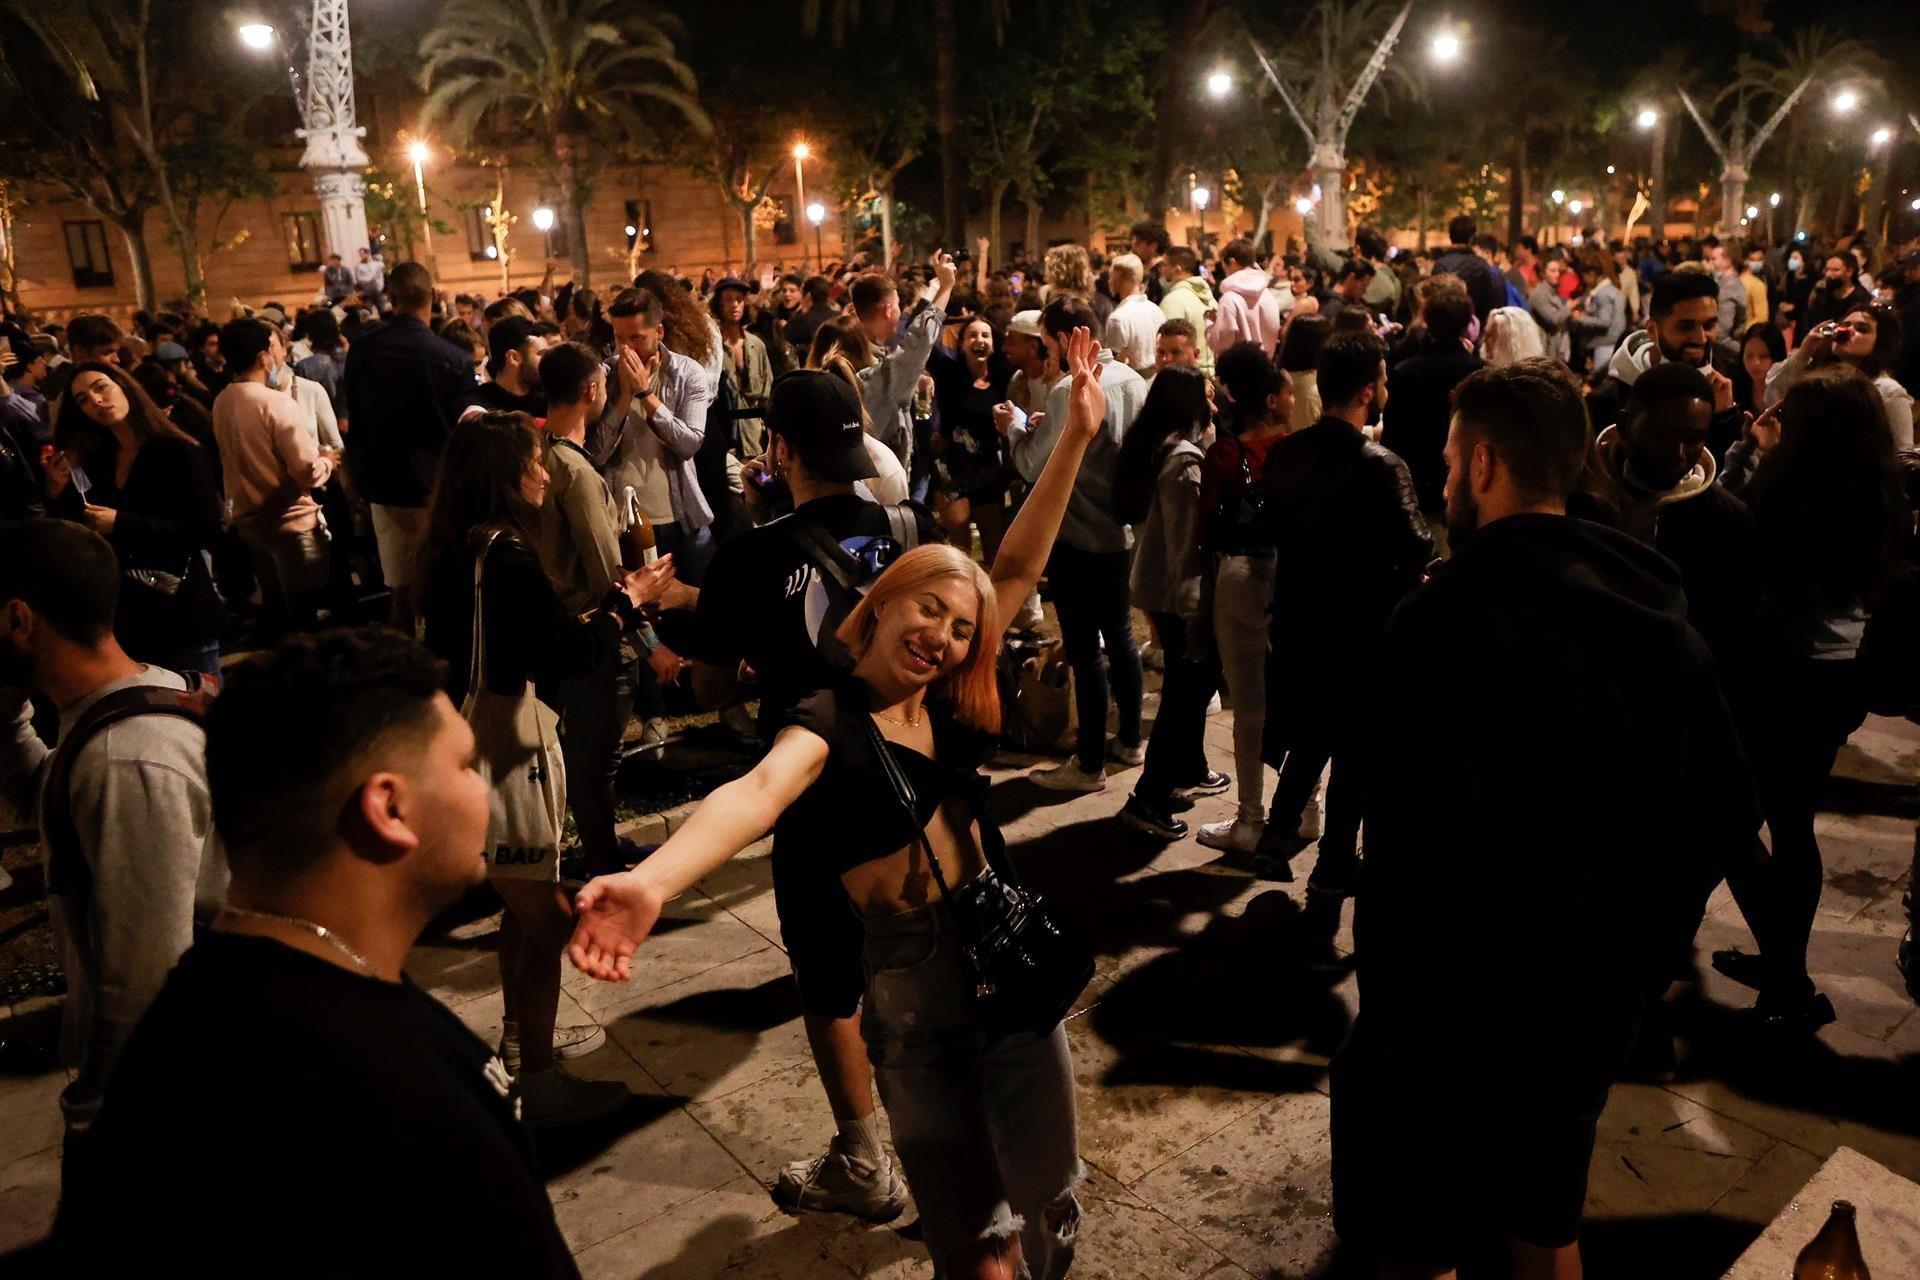 Imagen del Passeig Lluis Companys de Barcelona donde cientos de personas se concentran tras el fin del estado de alarma.